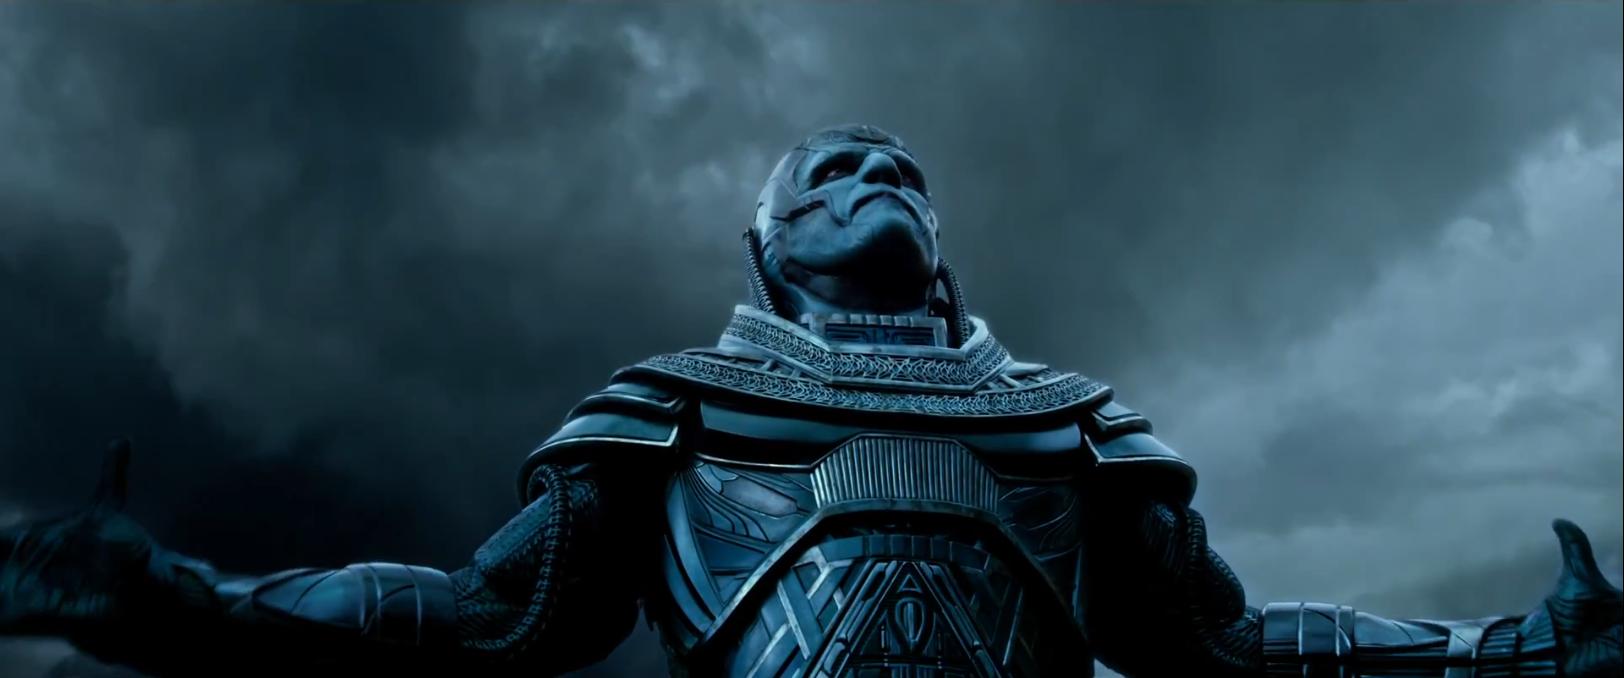 X-Men: Apocalypse: un'immagine potente del primo trailer del film